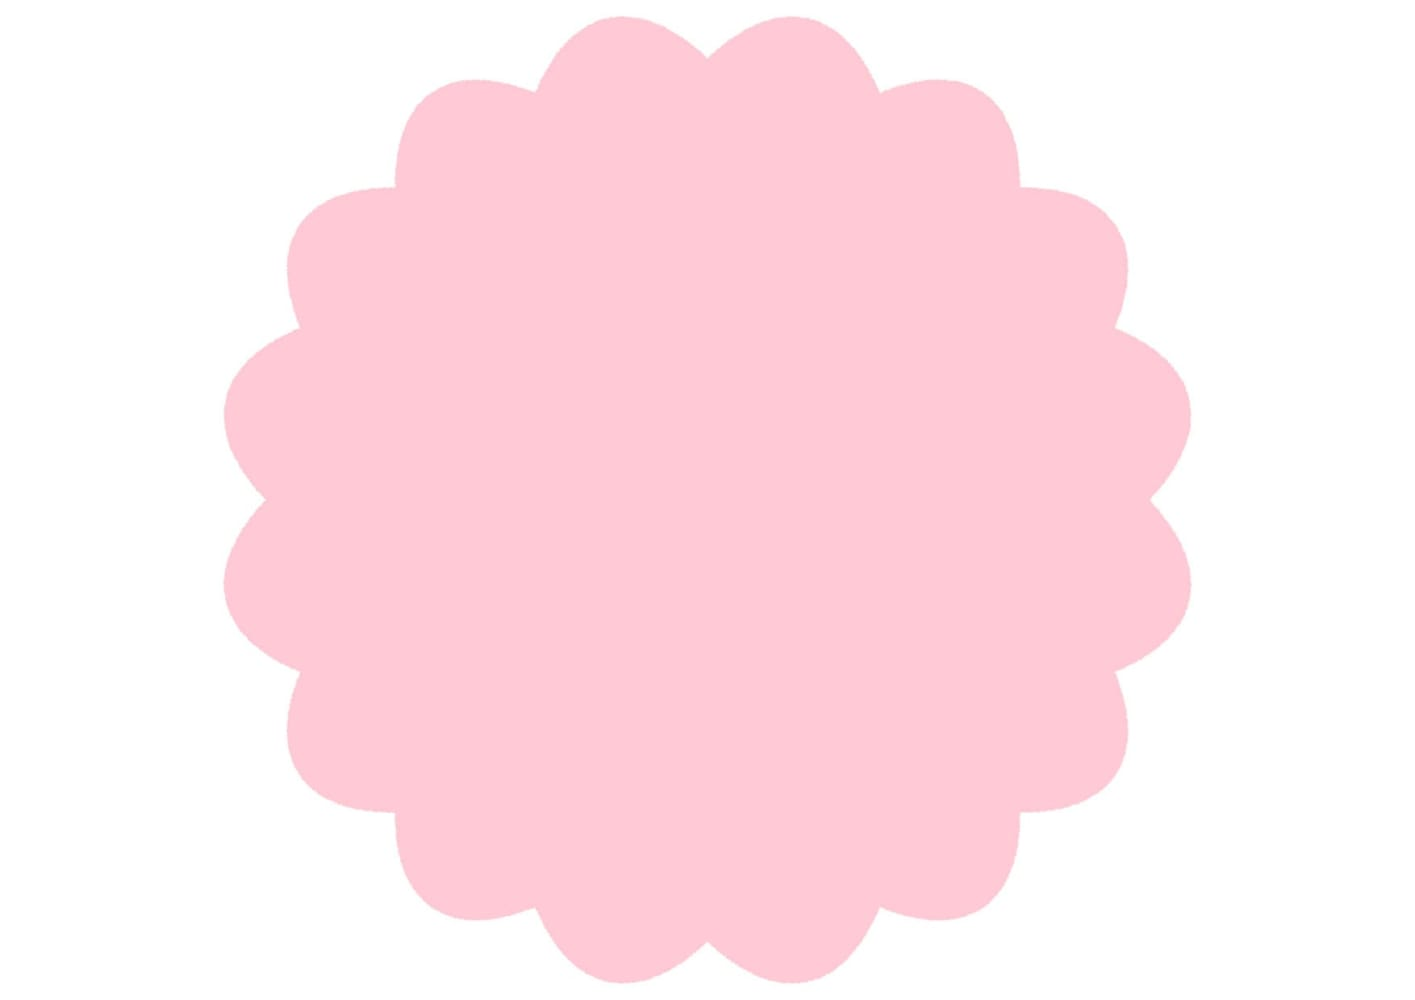 シンプル やわらかい フレーム ピンク イラスト 無料